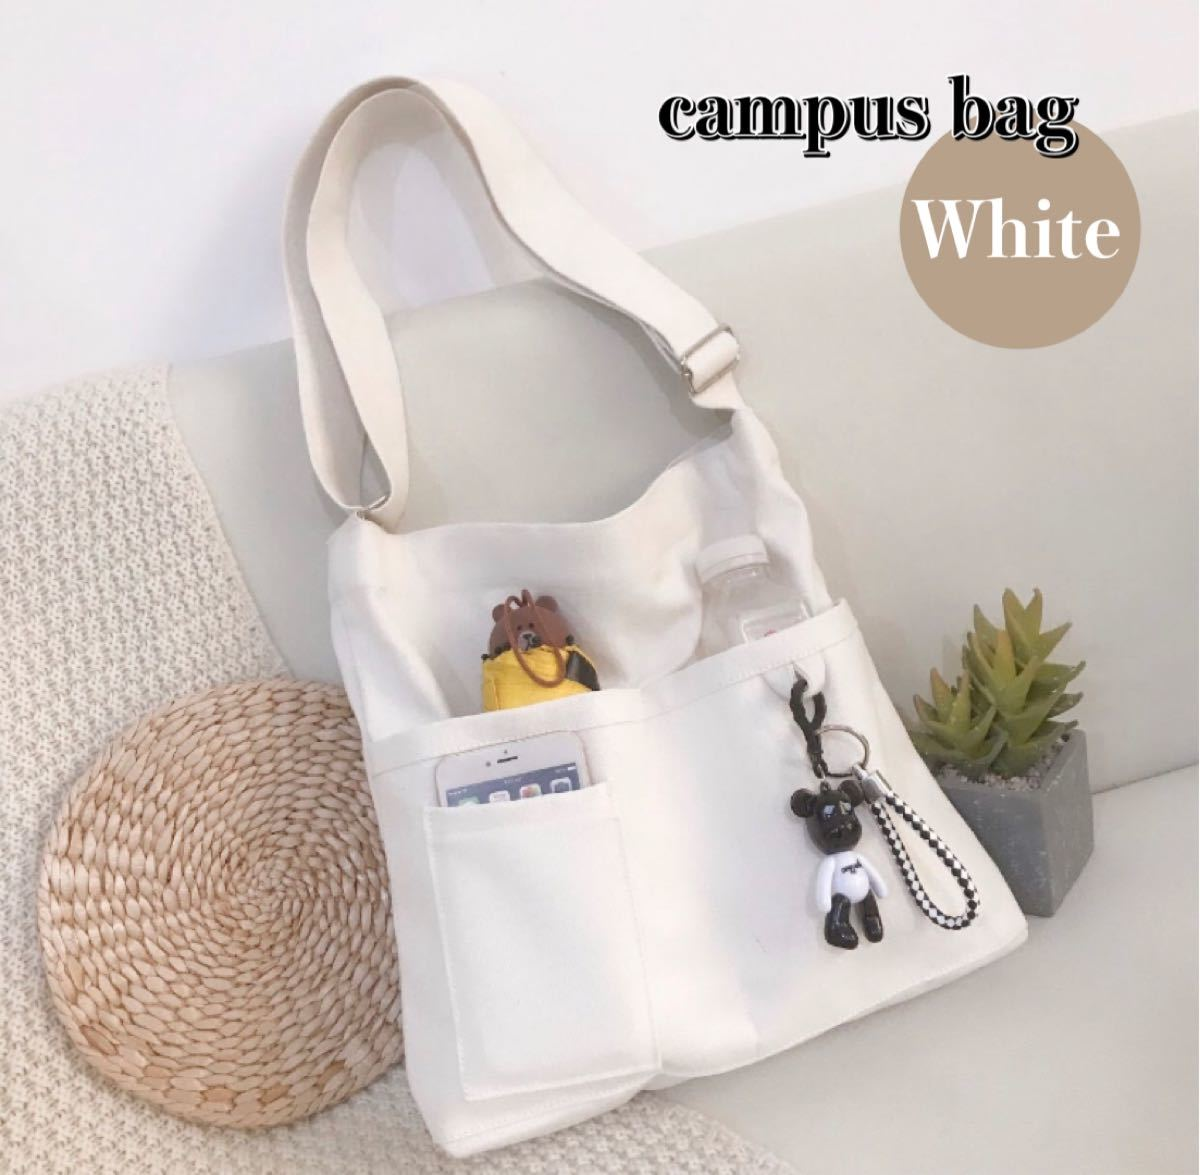 トートバッグ ショルダーバッグ マザーズバッグ エコバッグ ホワイト 大容量 帆布バッグ 男女兼用 韓国ファッション 新品未使用